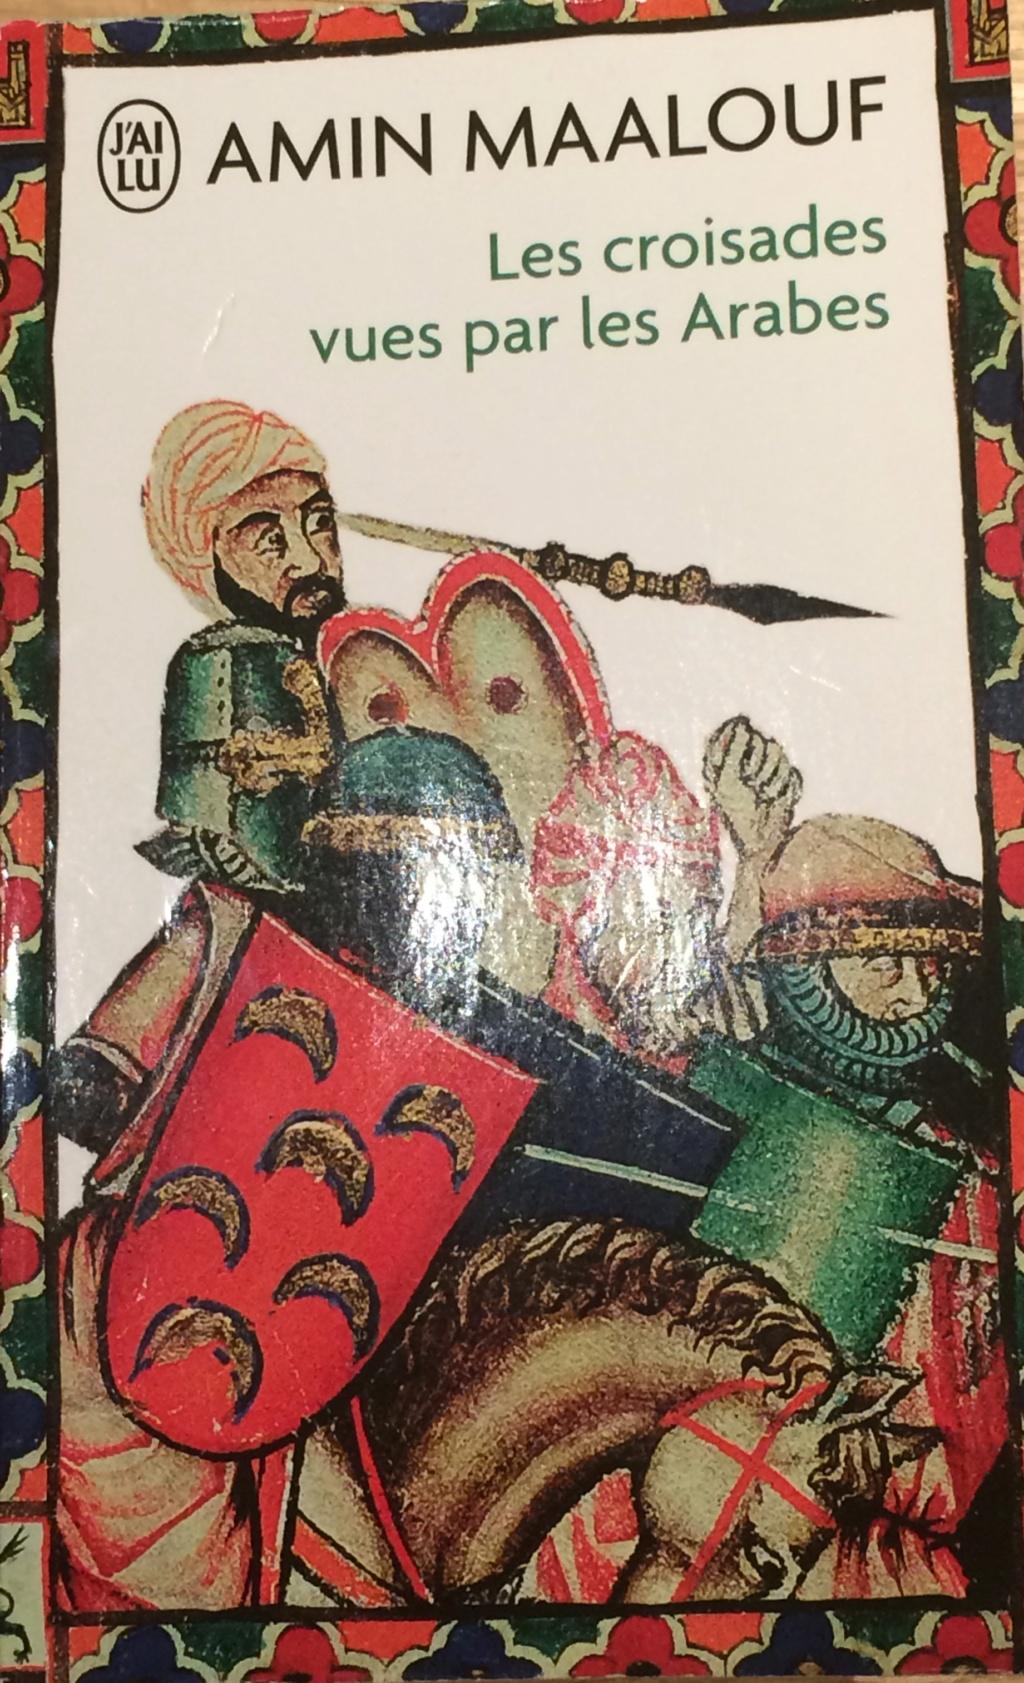 Les croisades vues par les arabes - Amin Maalouf 9c8c6410